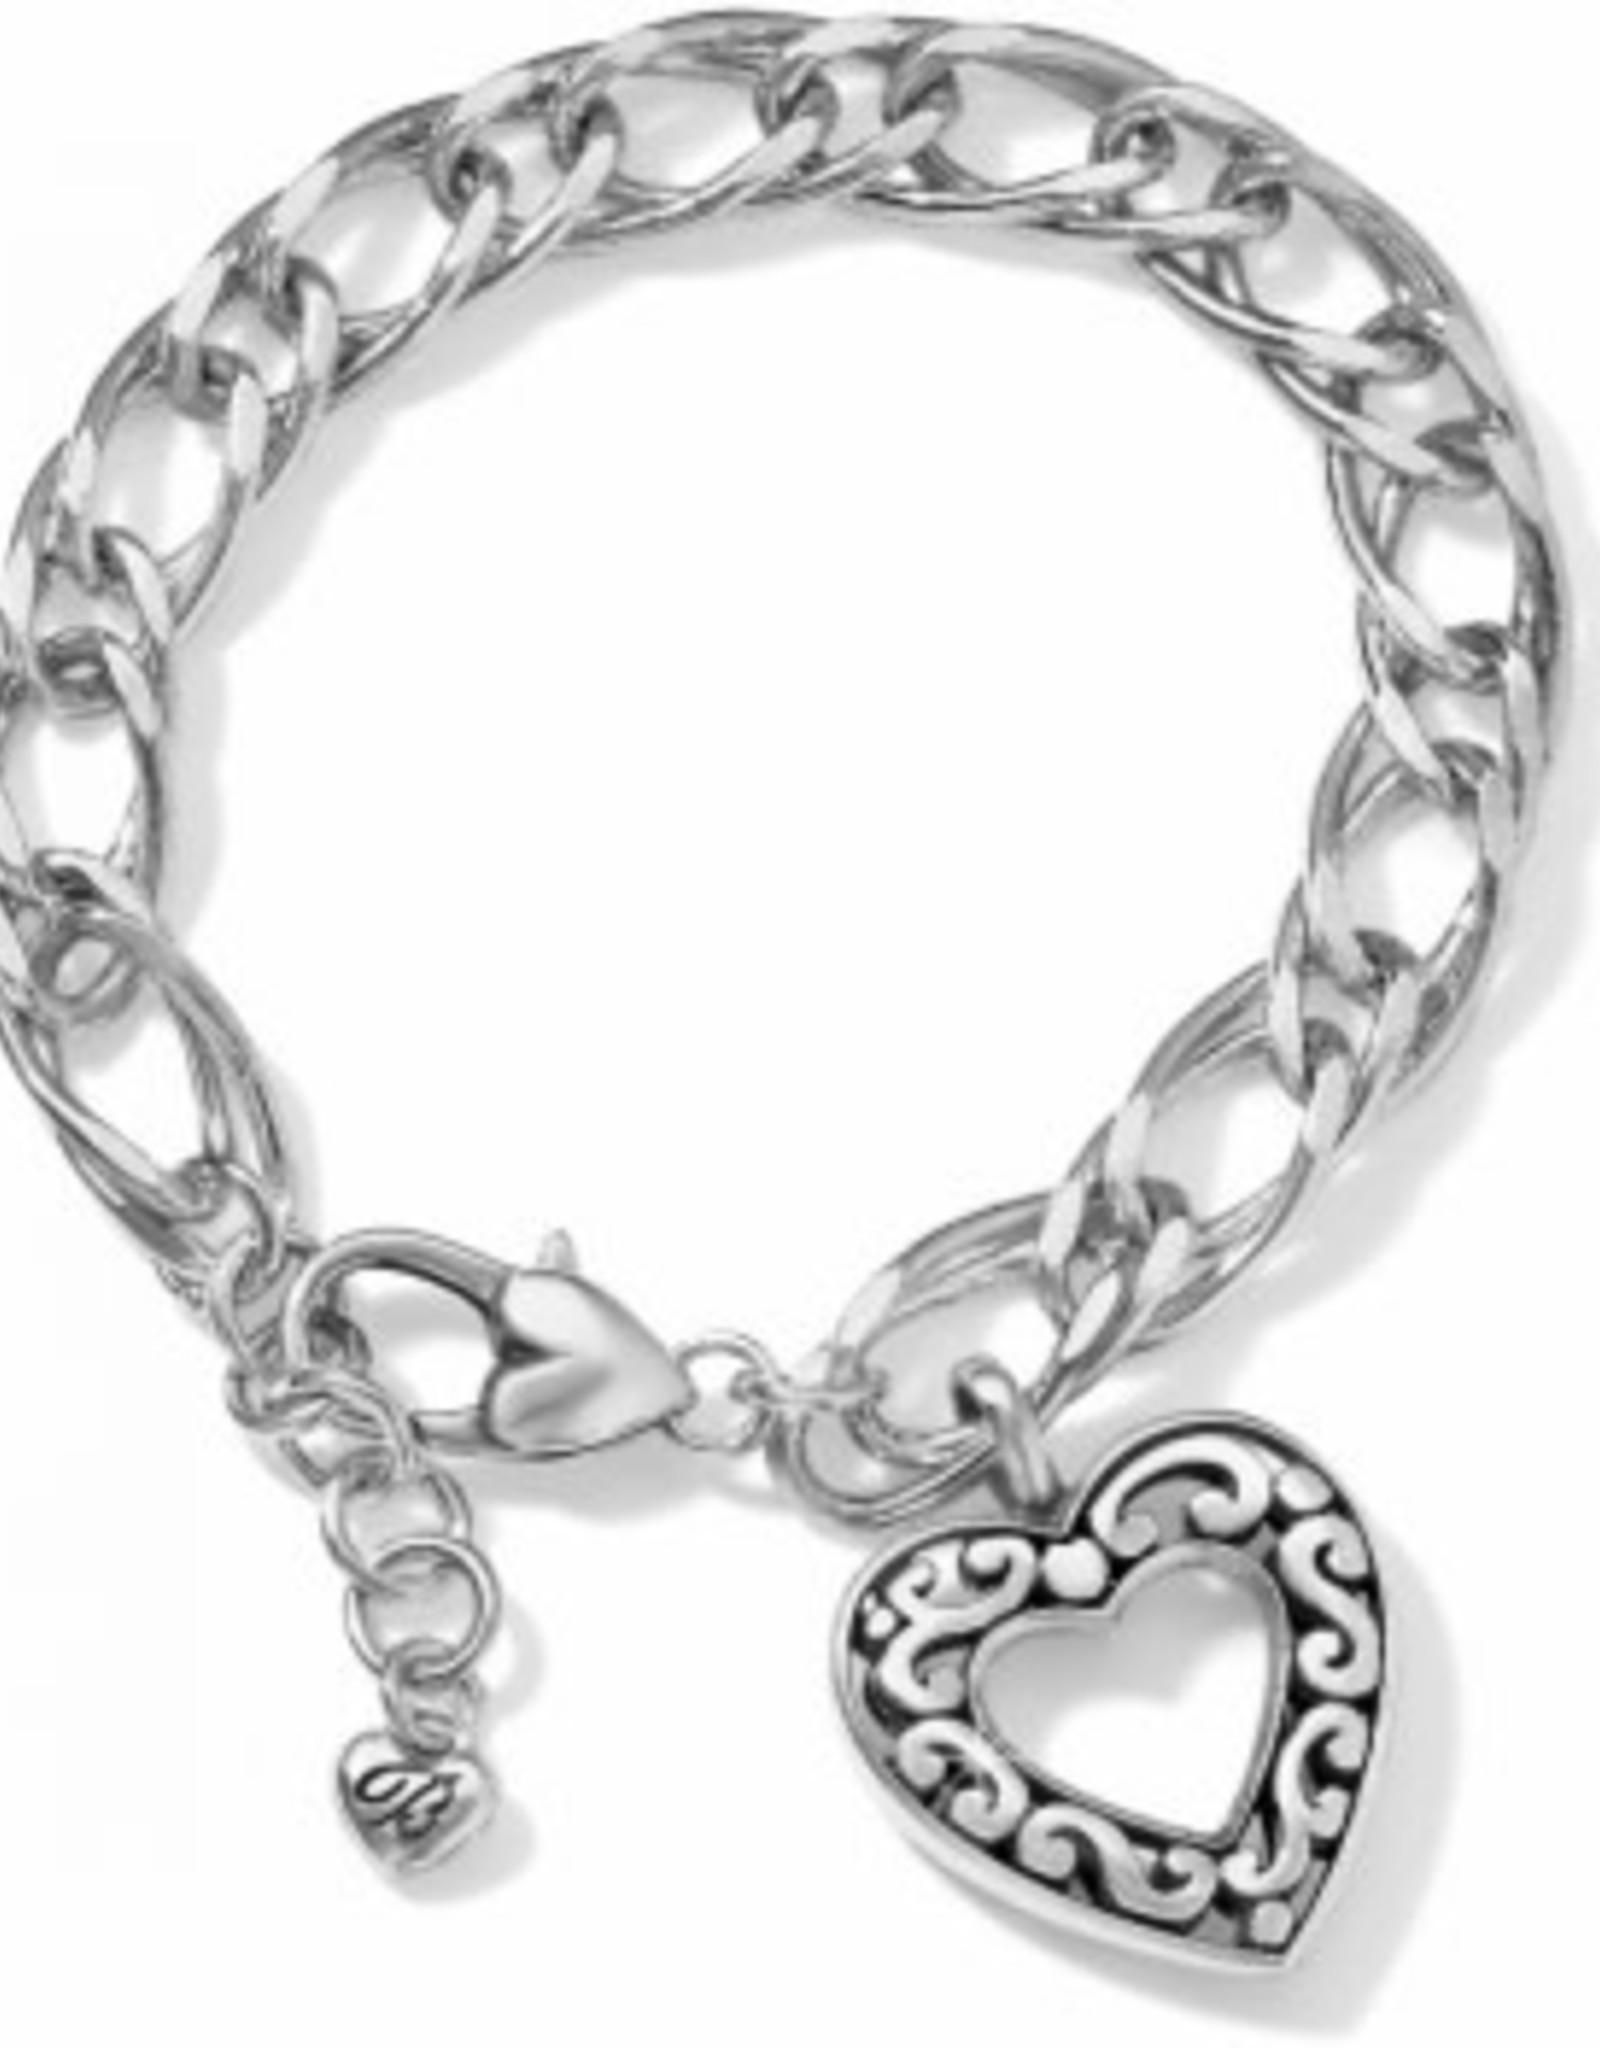 Brighton Contempo Love Bracelet